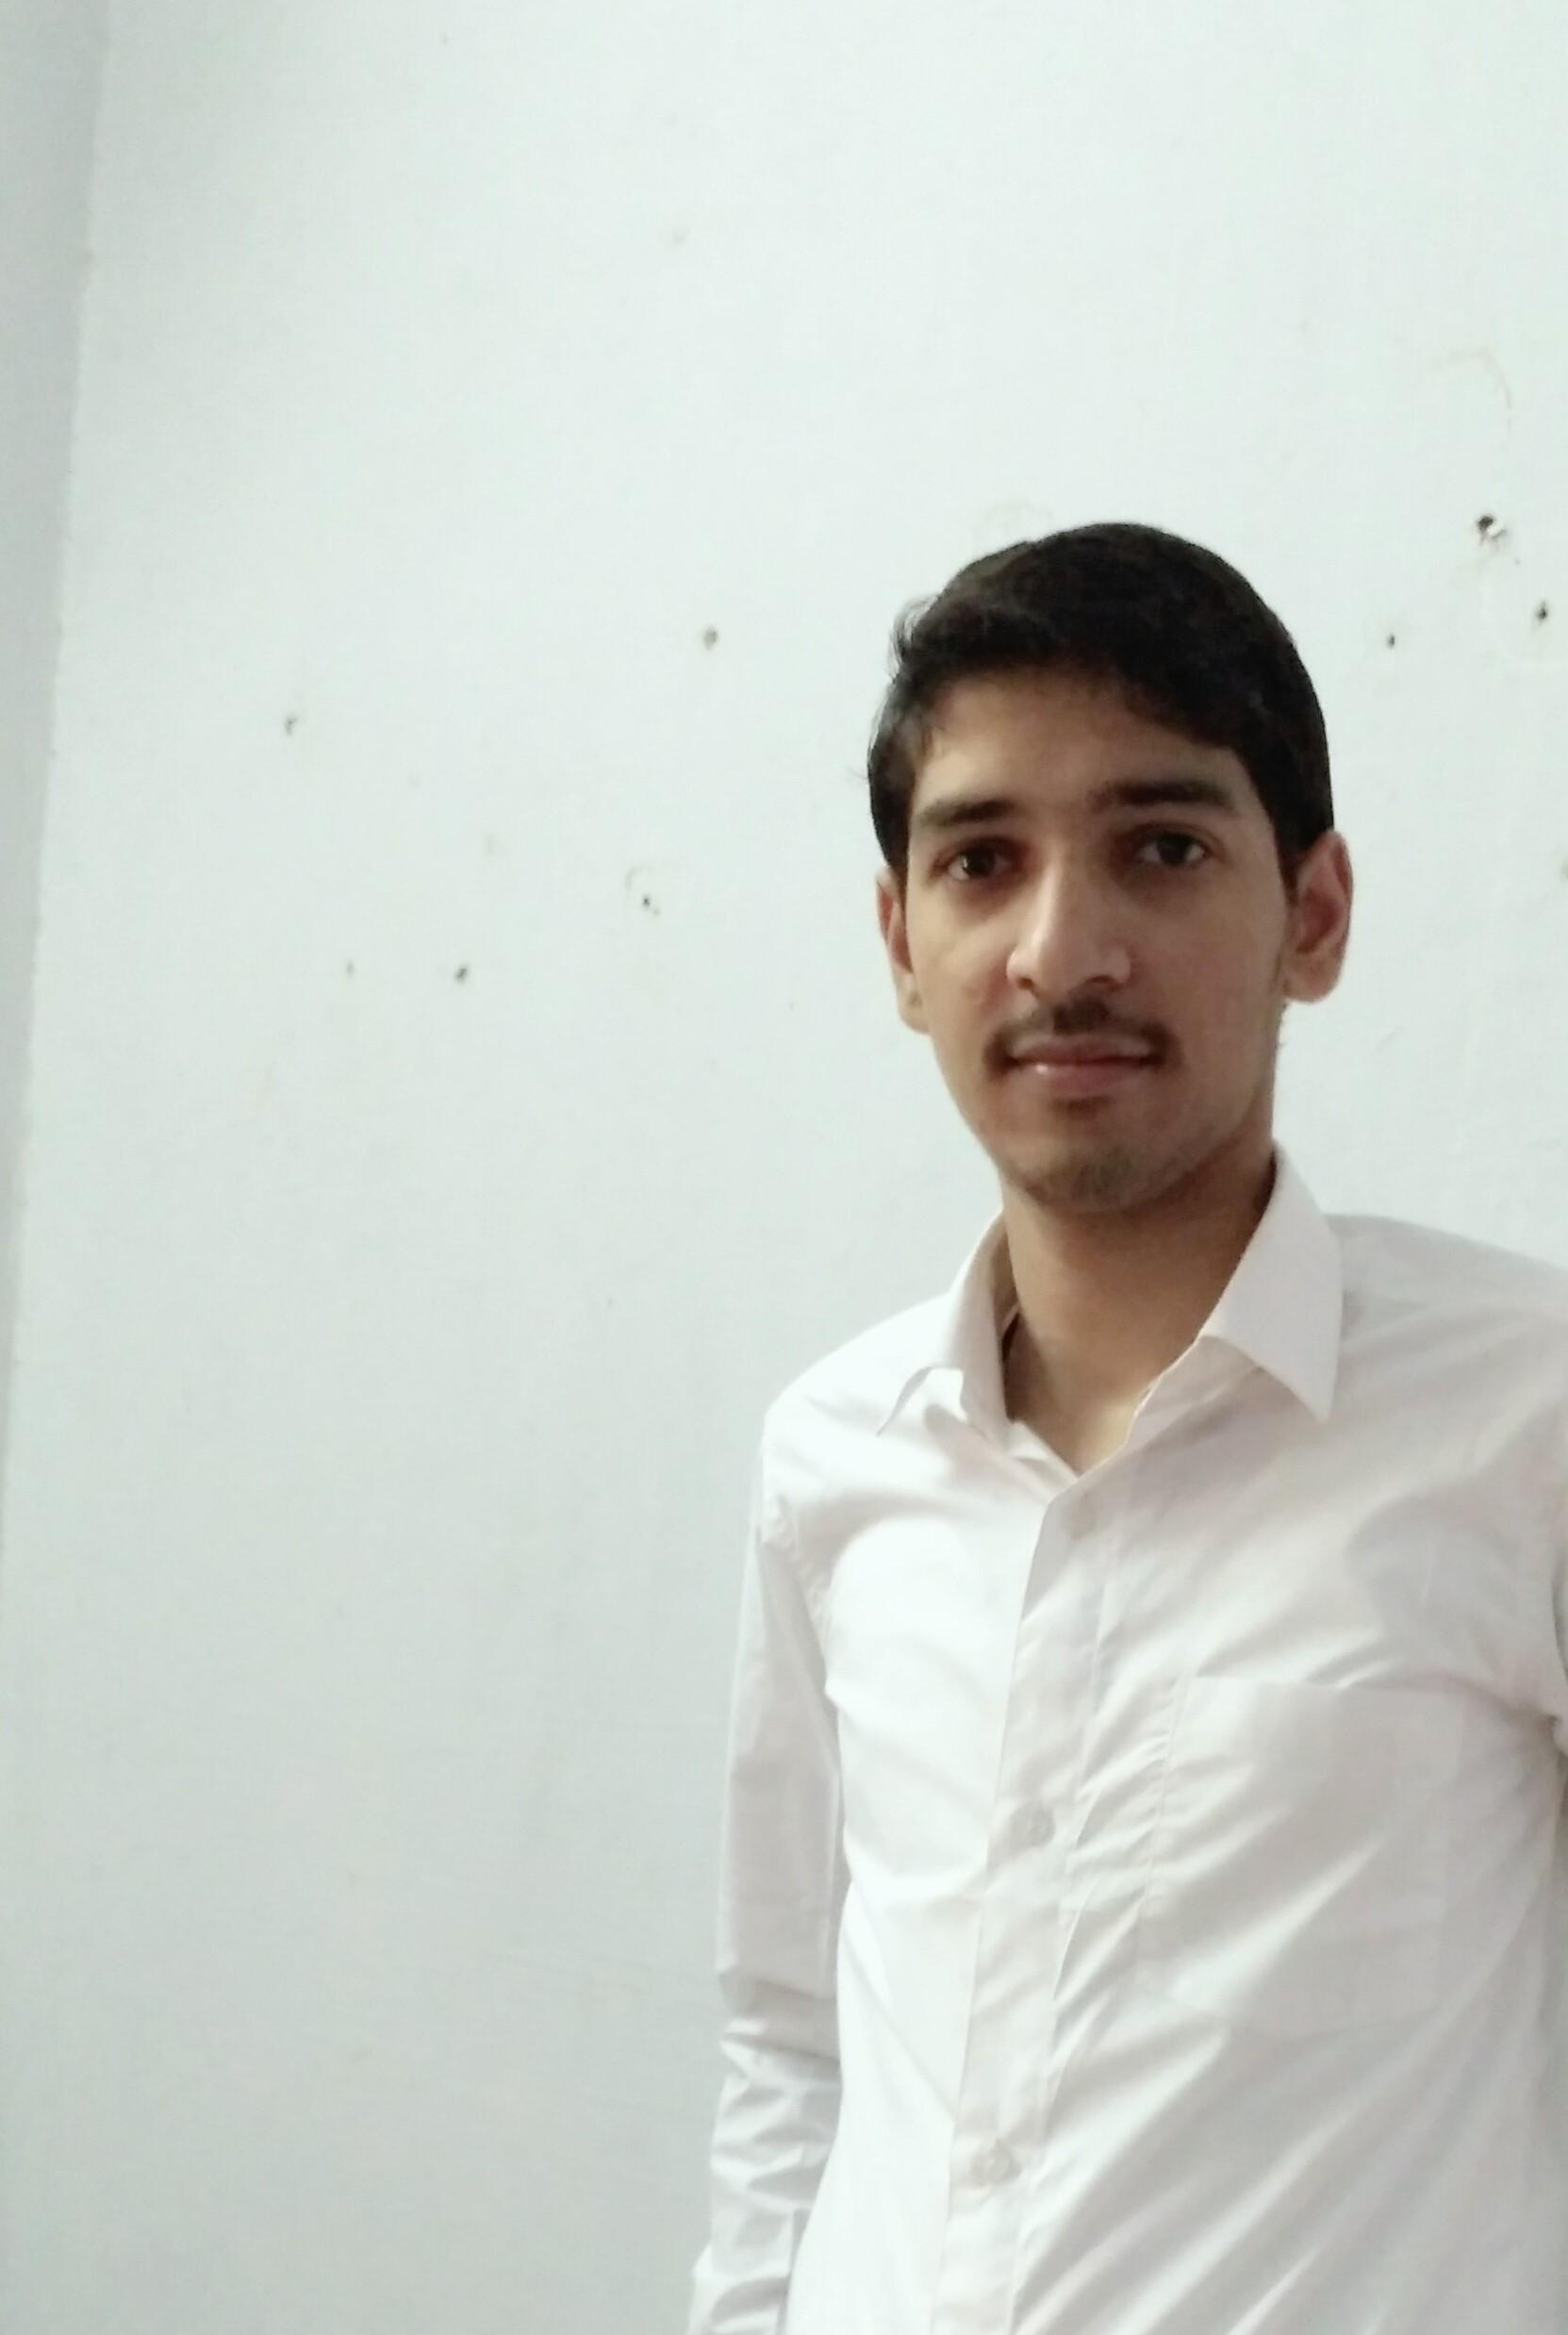 Hutesh Gauttam, NIT Rourkela